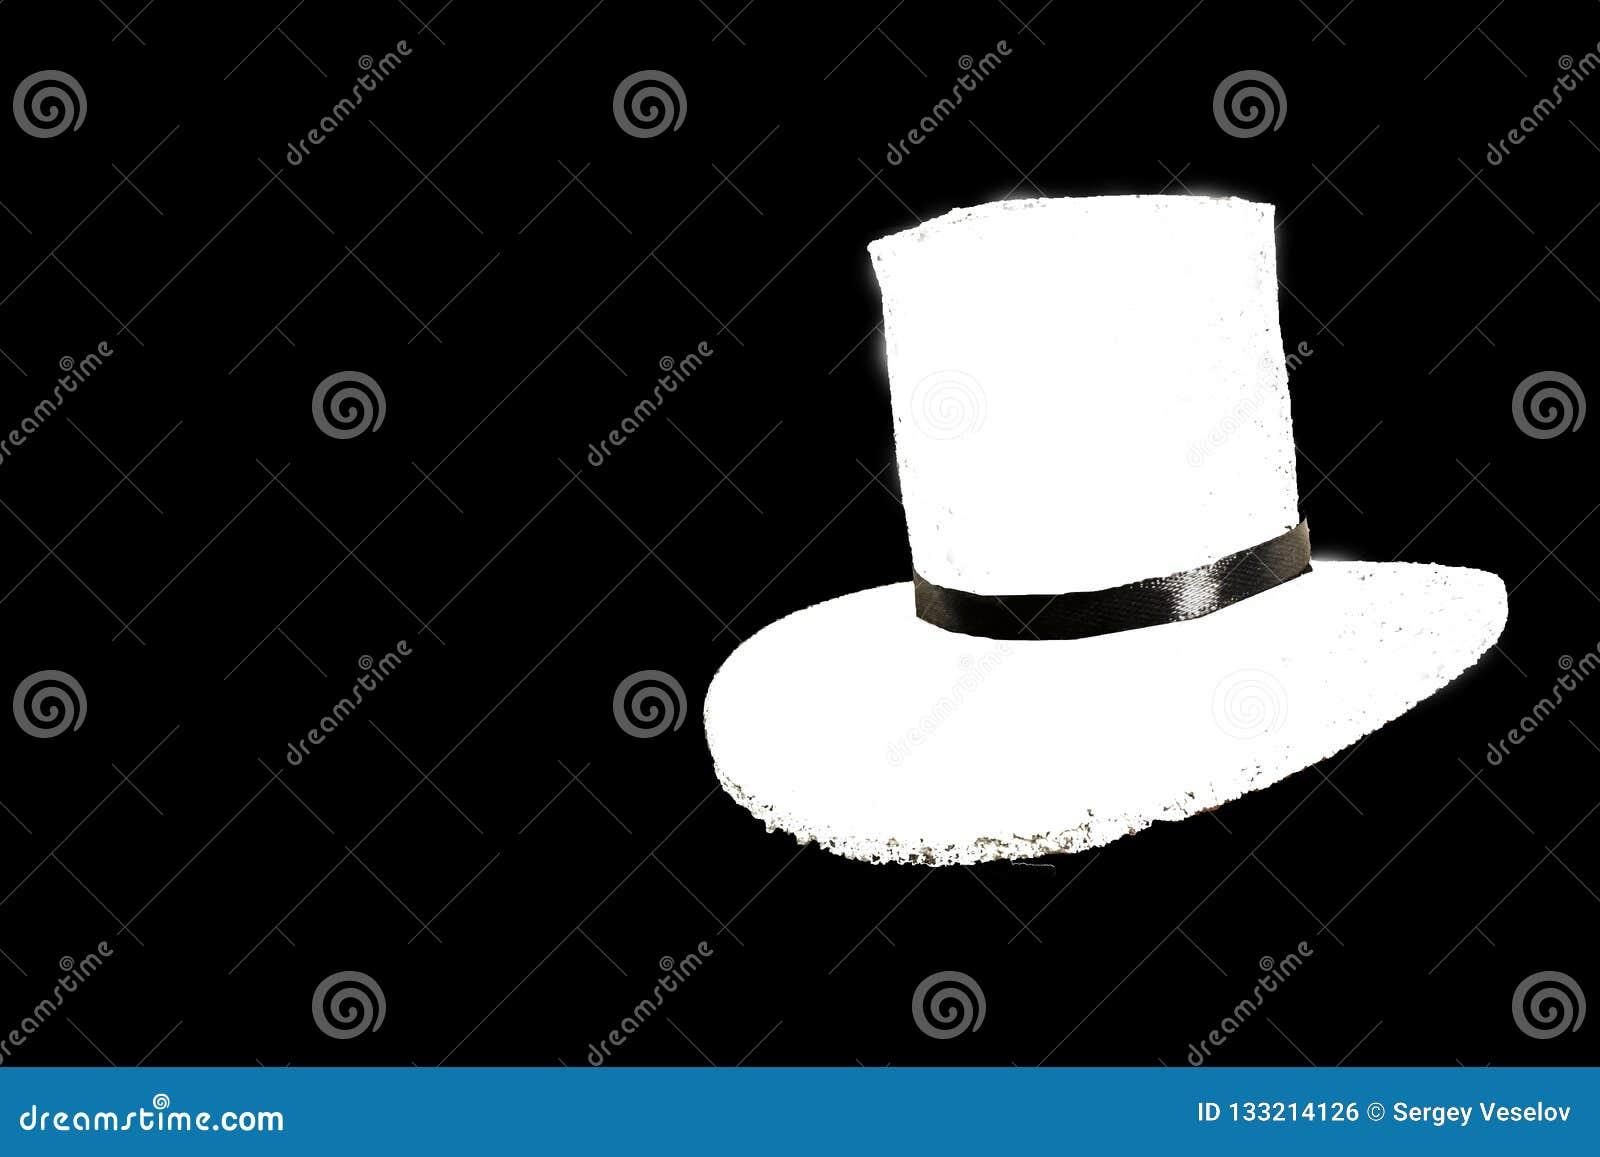 Fashionable white hat isolated on black background.